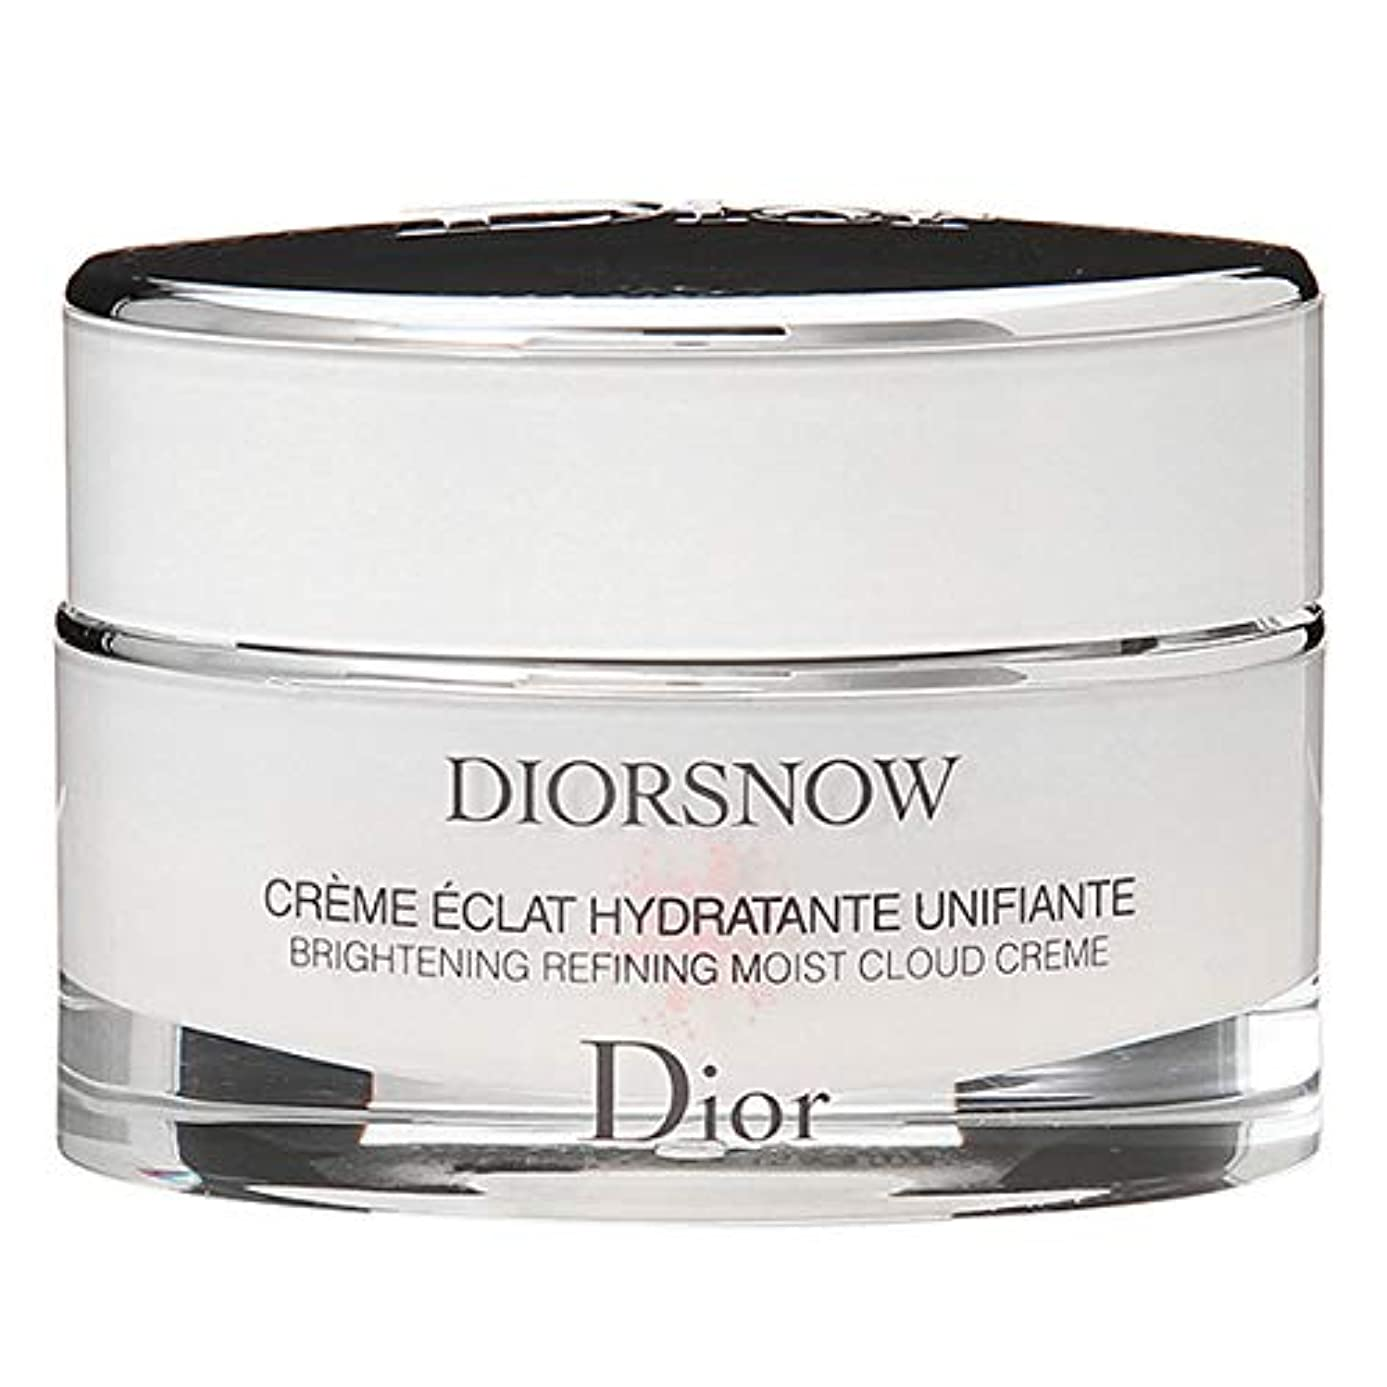 行列滞在飼料クリスチャンディオール Christian Dior ディオール スノー ブライトニング モイスト クリーム 50mL 【並行輸入品】